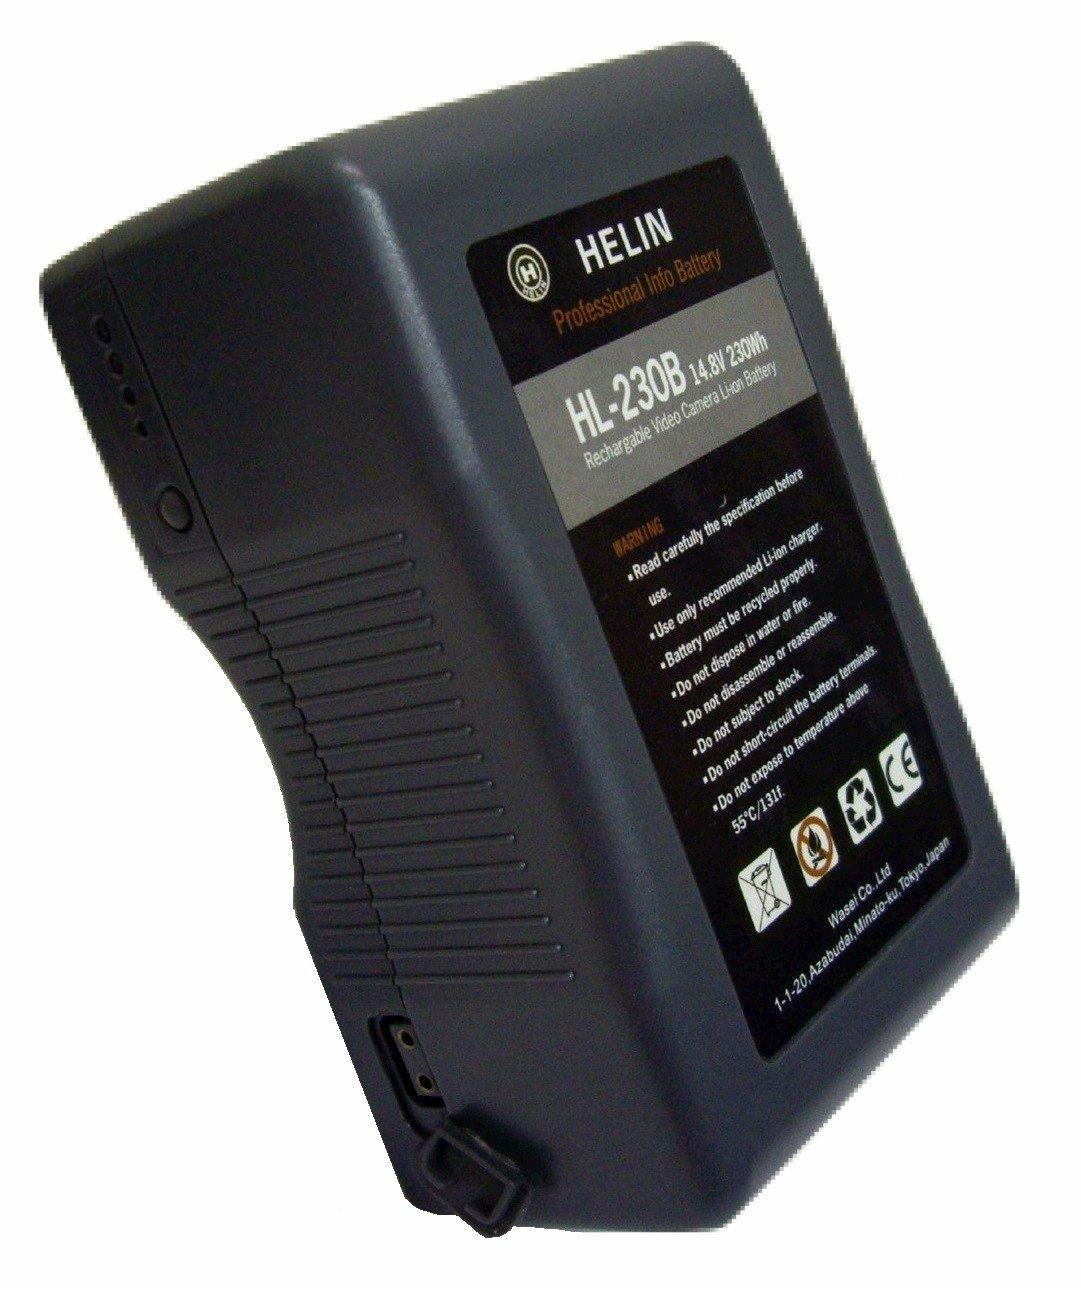 Helin V-マウントリチウムイオンバッテリー HL-230B B007K4ZU3G